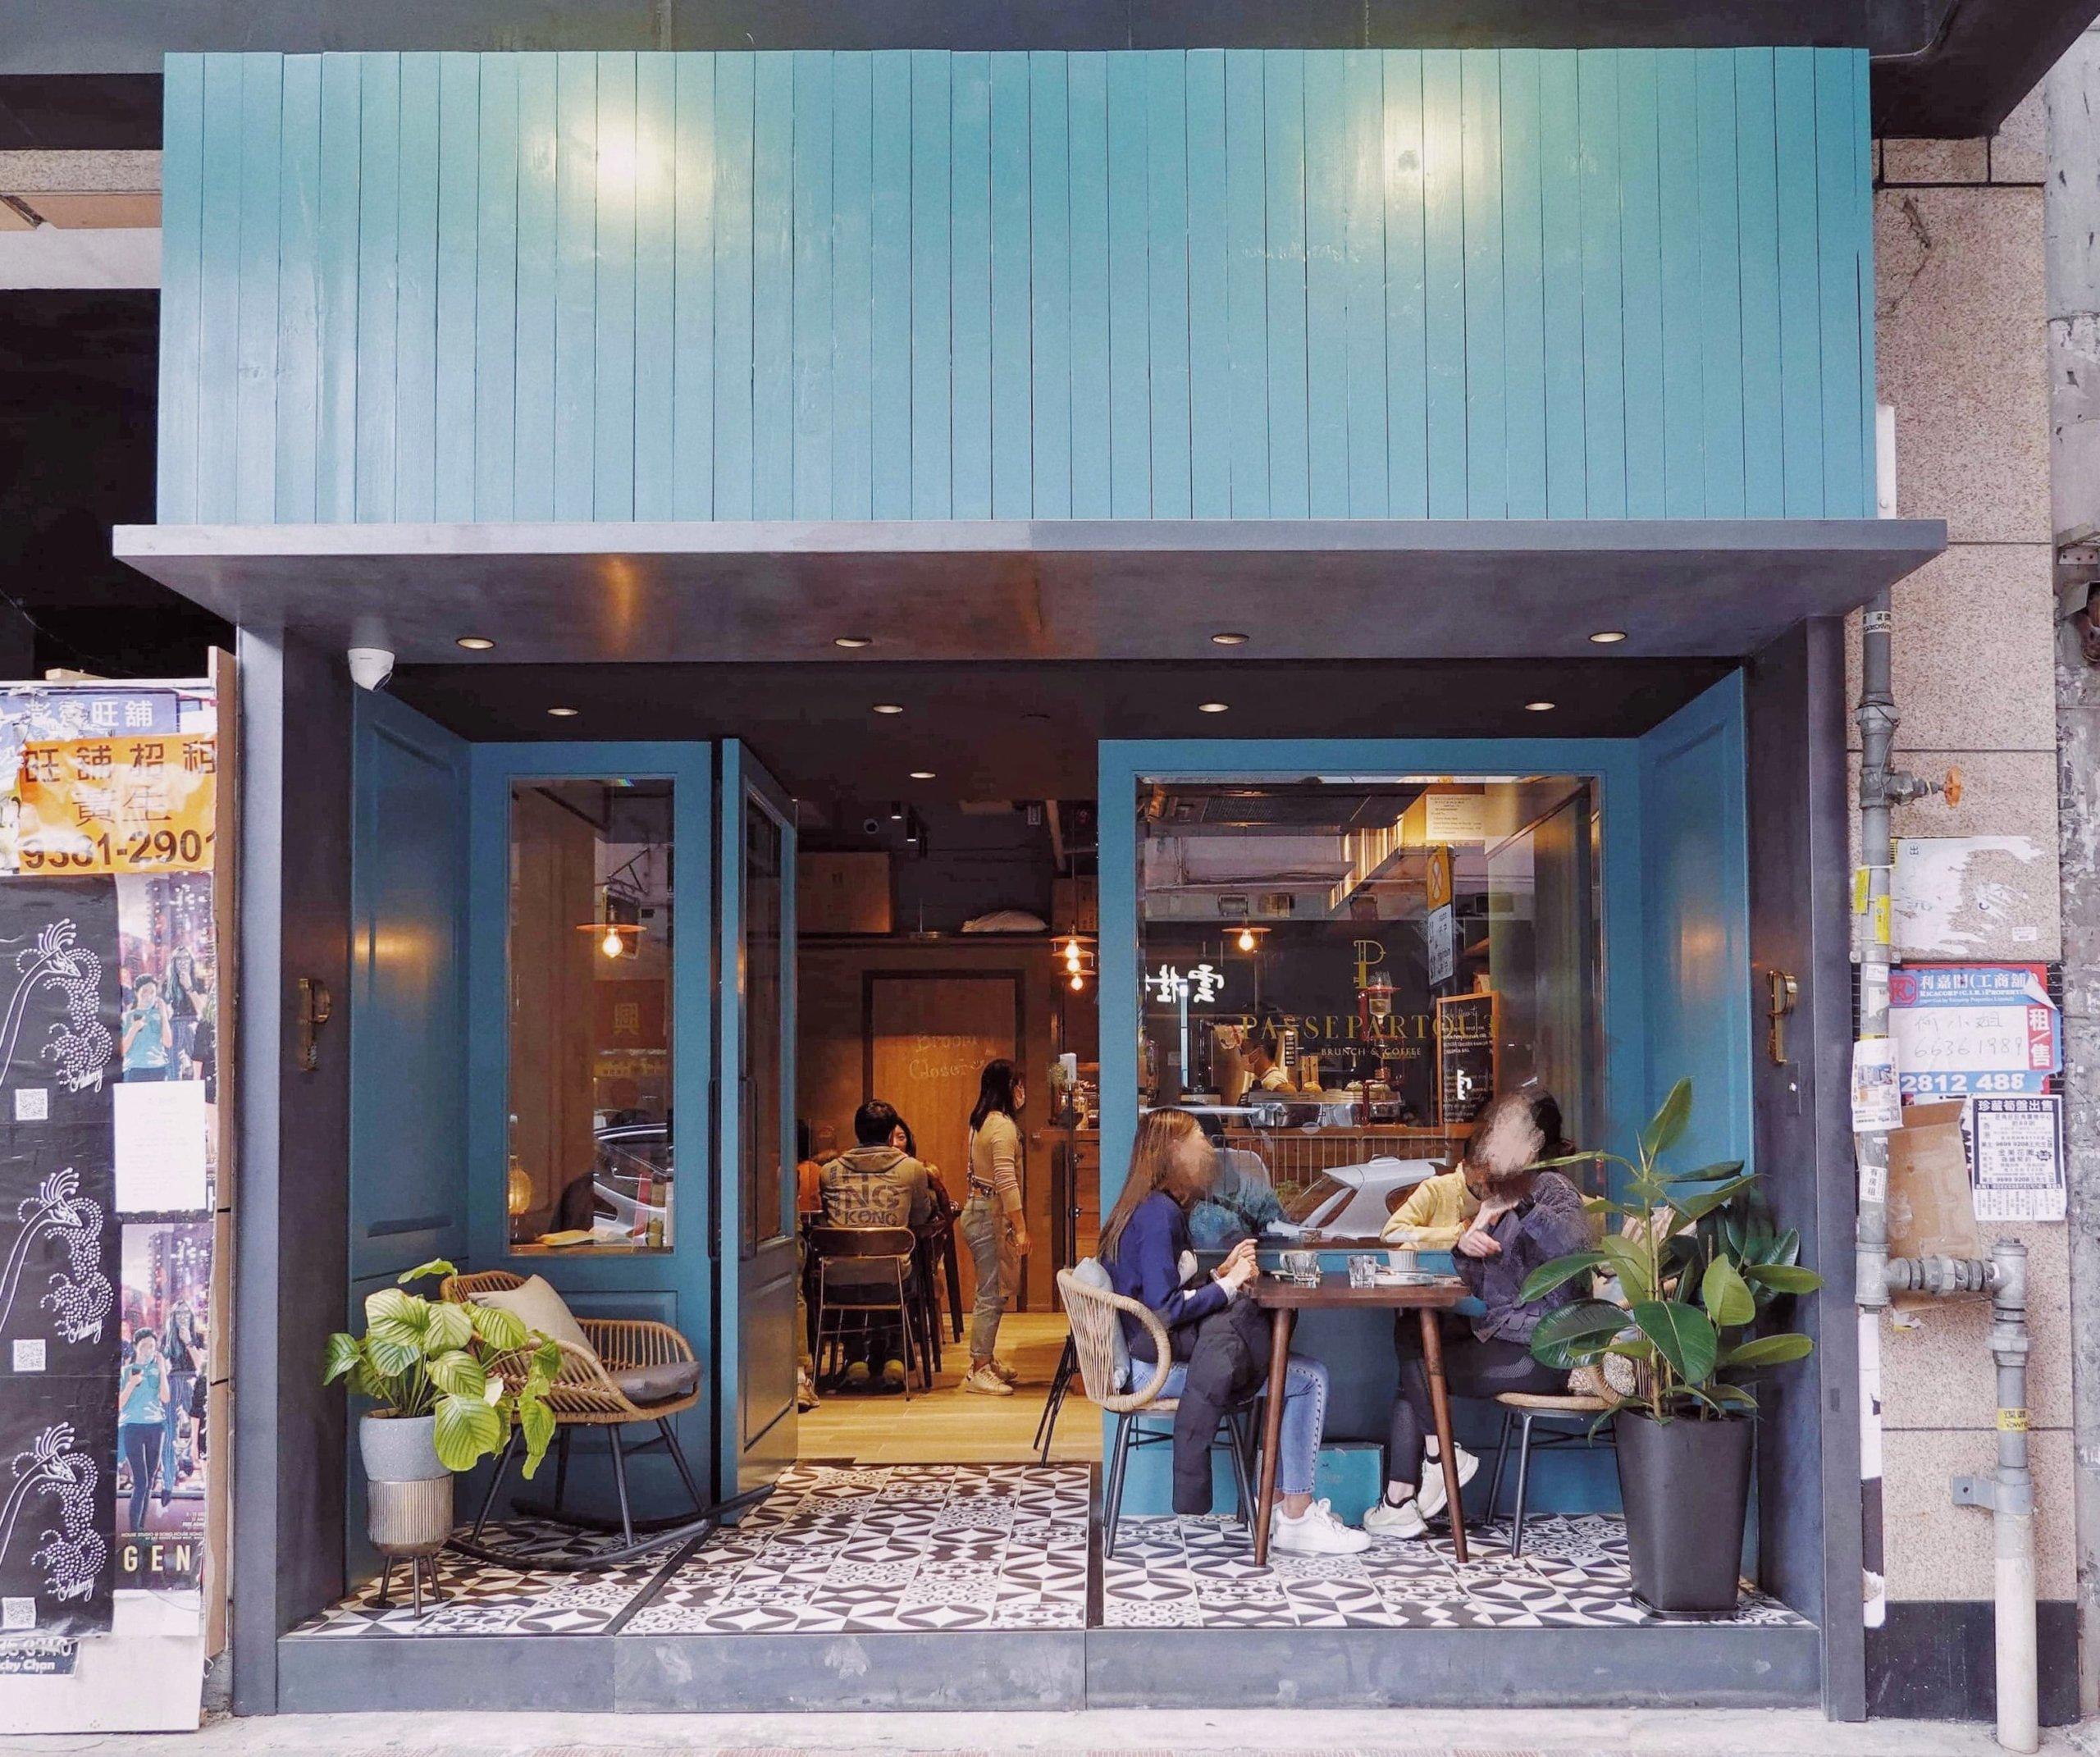 位於駱克道嘅Passepartout Brunch and Coffee,設計型格,又係一個銅鑼灣嘅好Hea處。